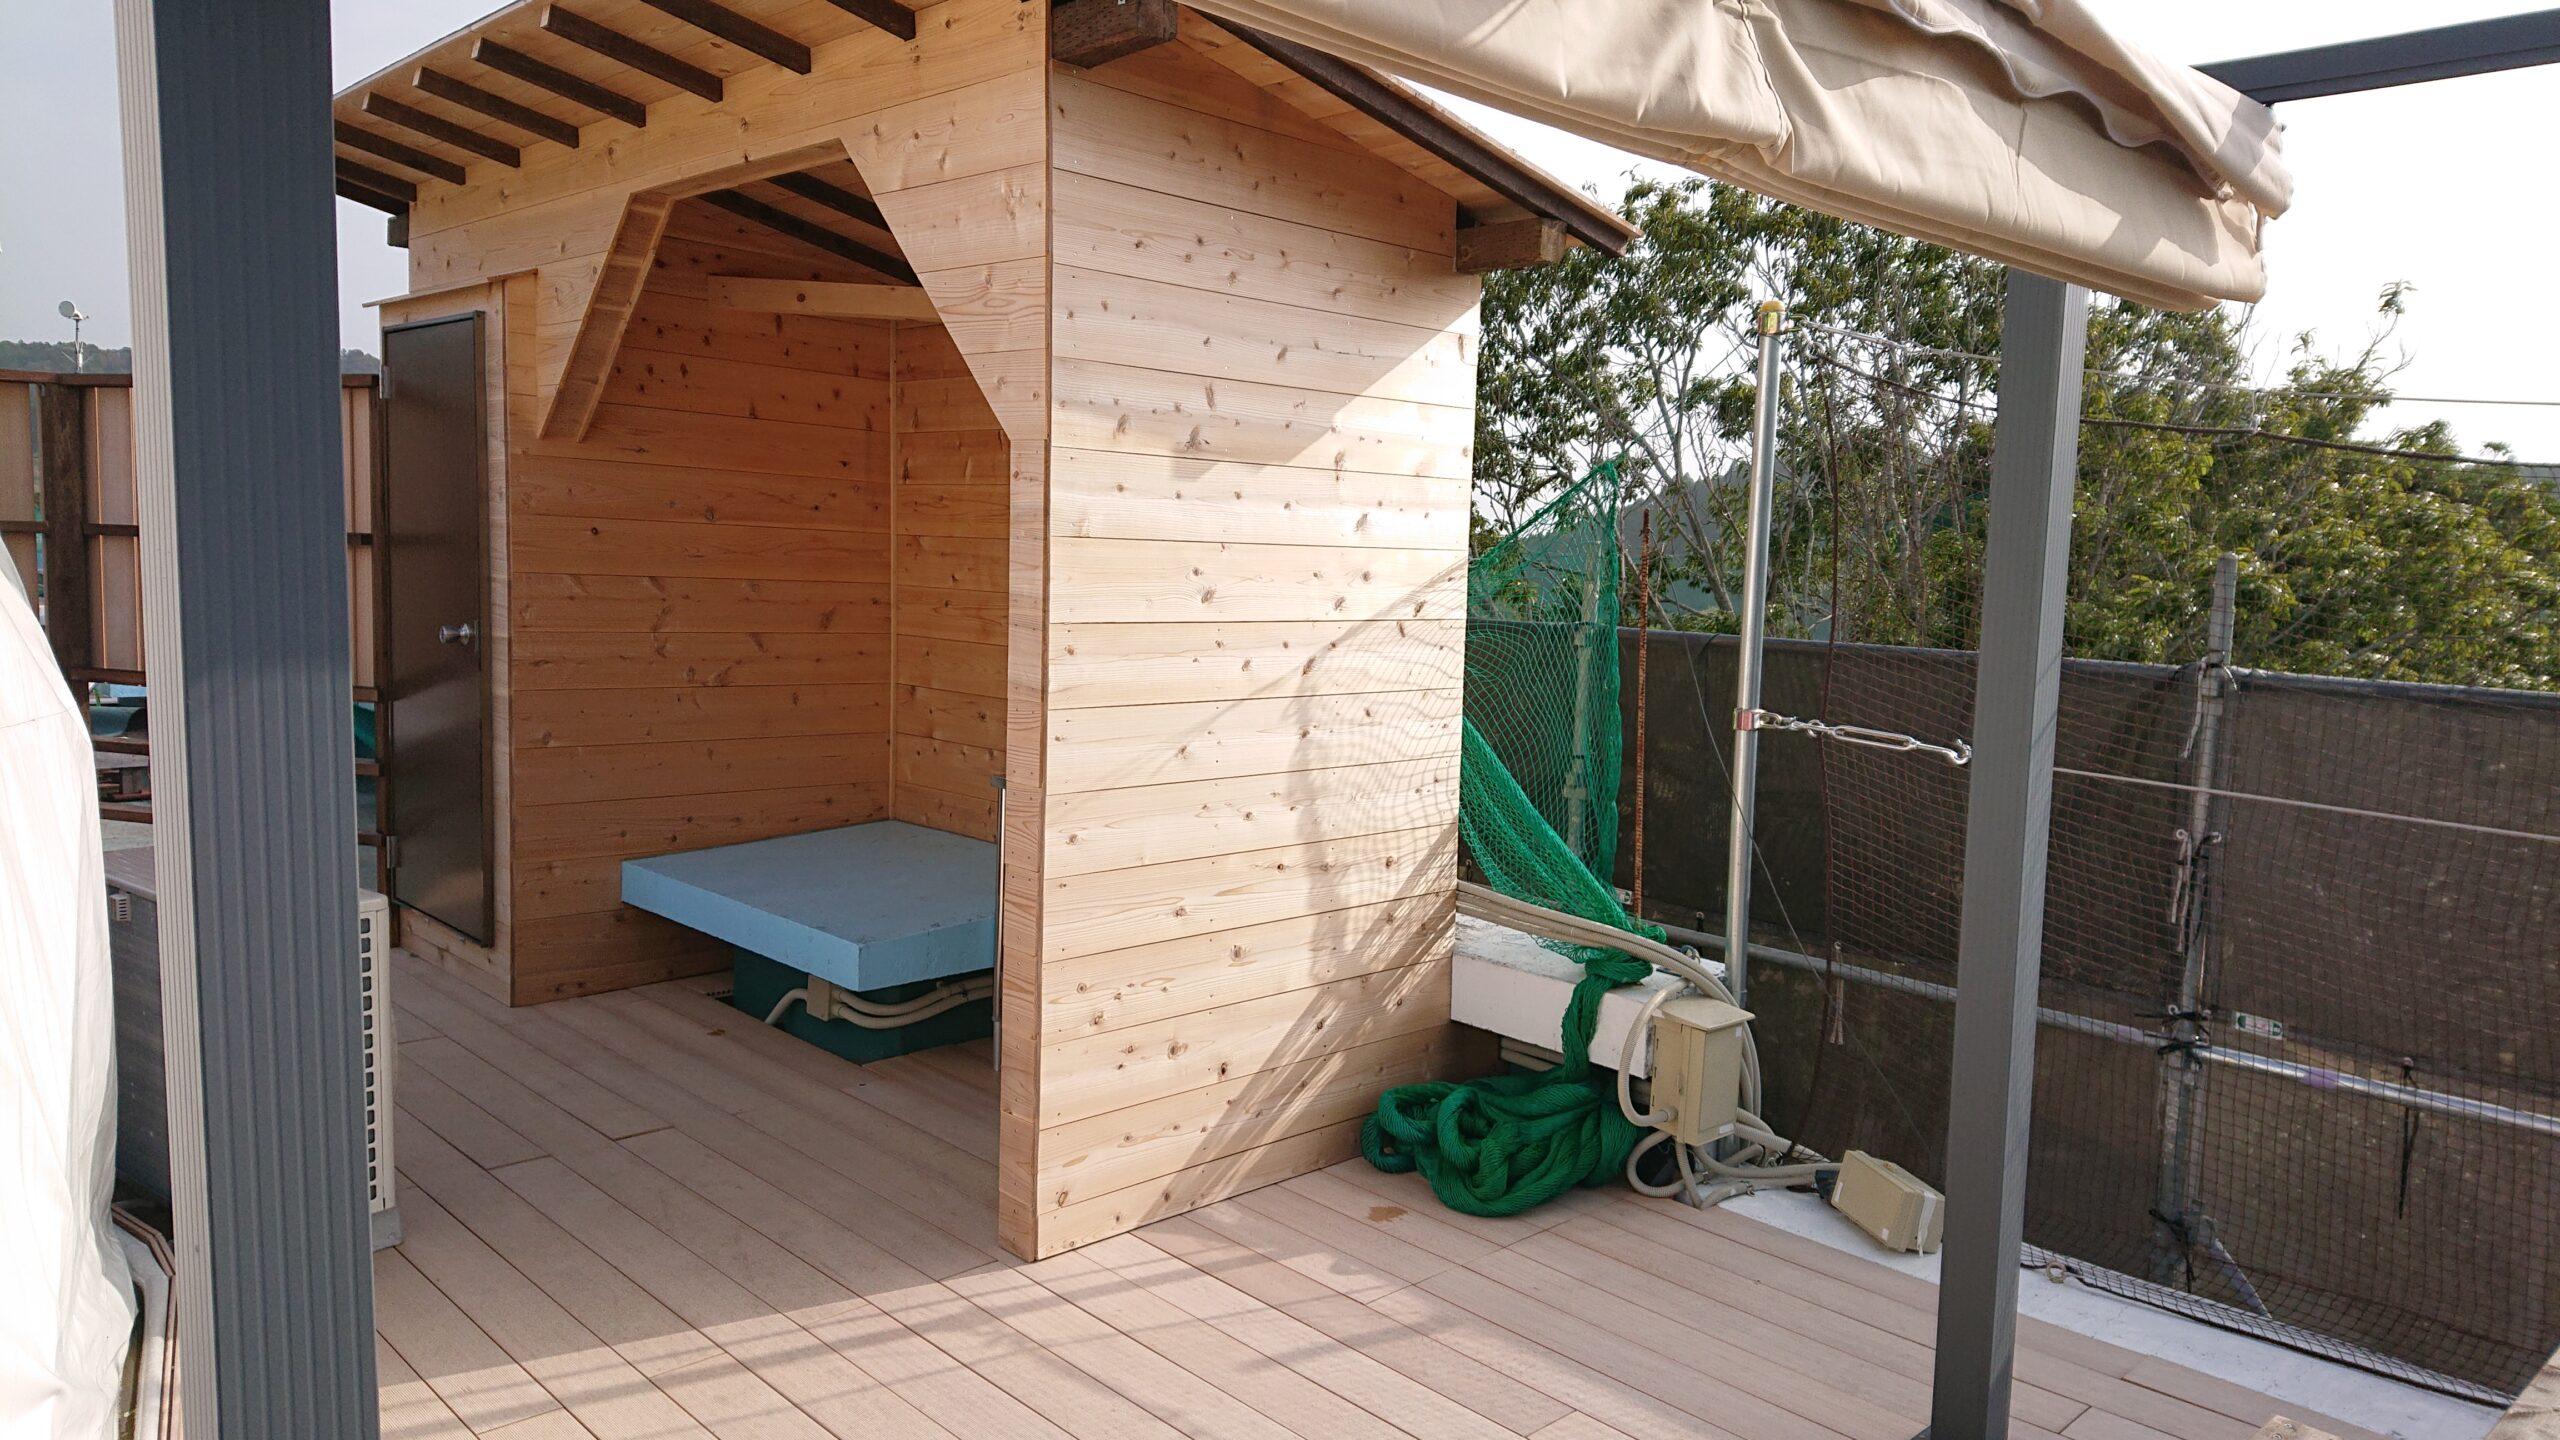 キャメルゴルフ&ホテルリゾートのドームテントグランピングの横にトイレがあります